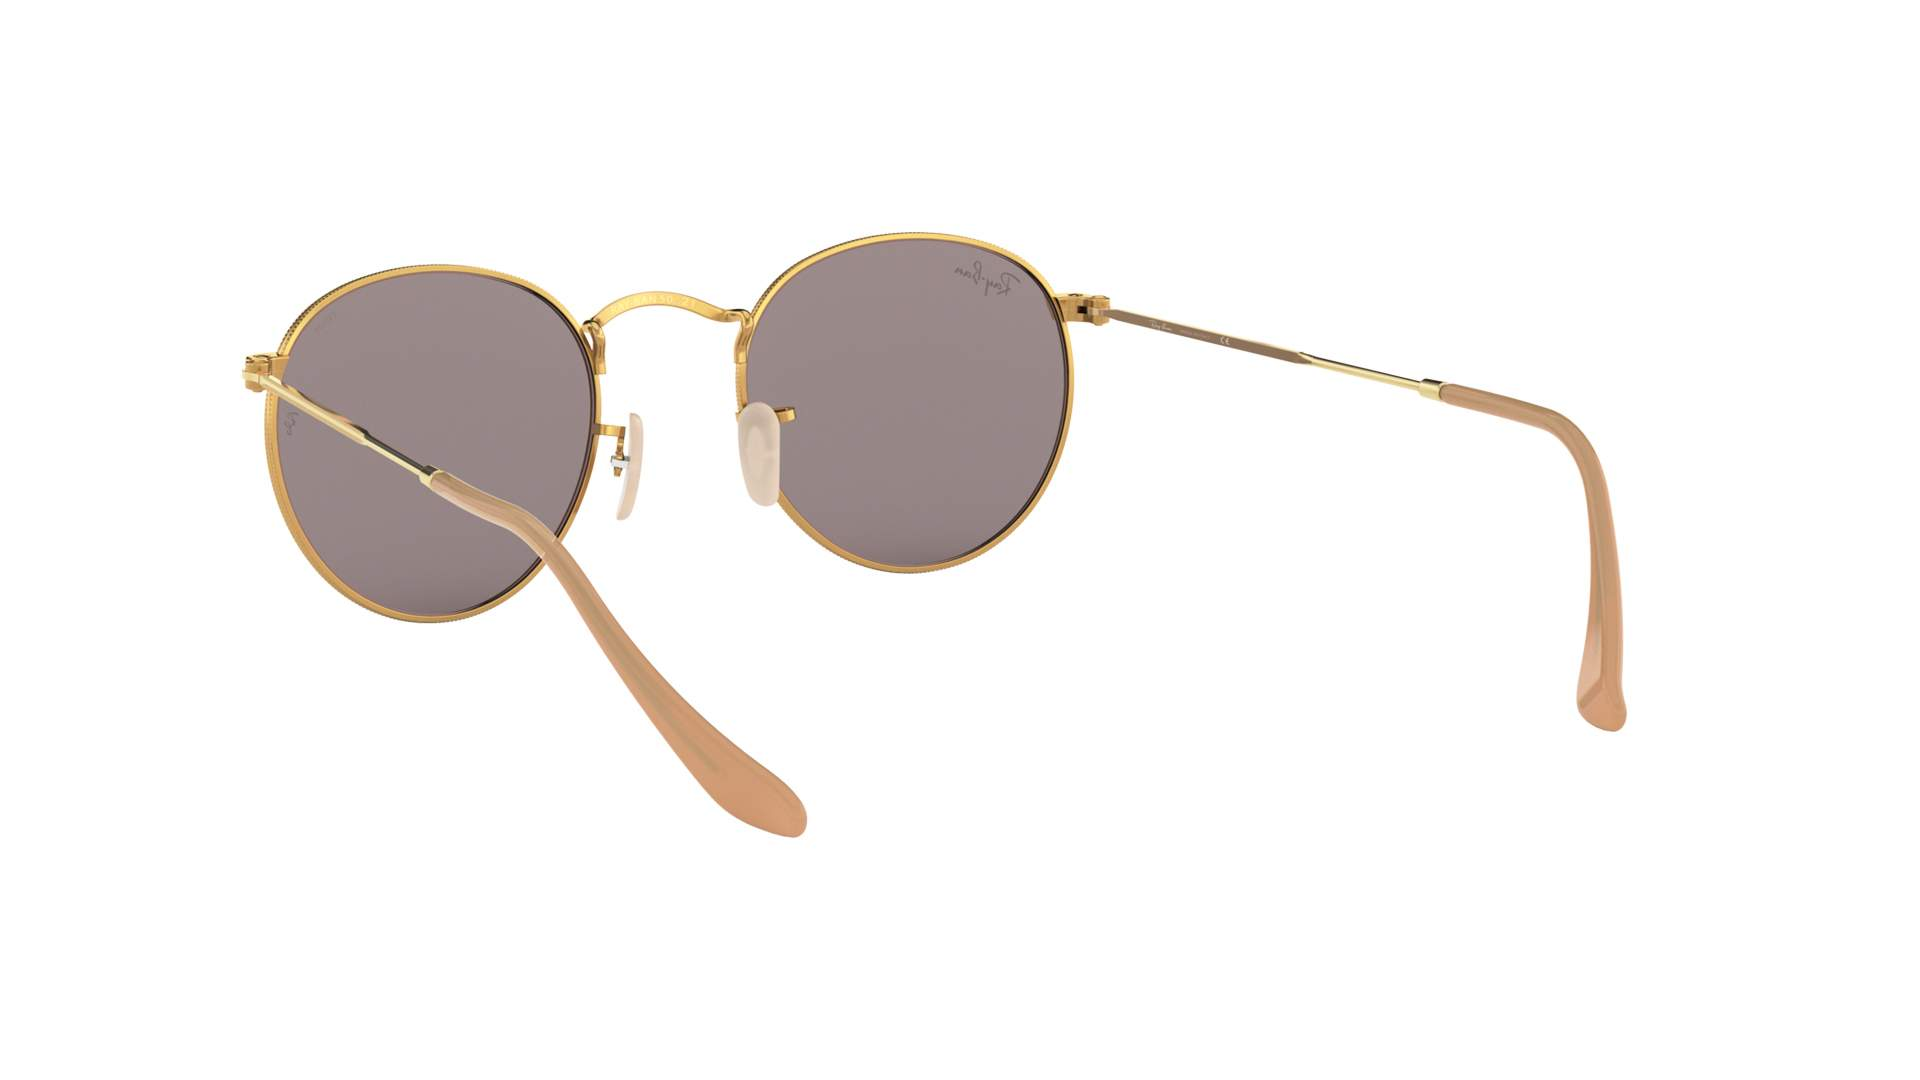 bb1f08bf4e5cd ... new zealand sunglasses ray ban round evolve gold rb3447 9064 v8 50 21  medium photochromic e7cb7